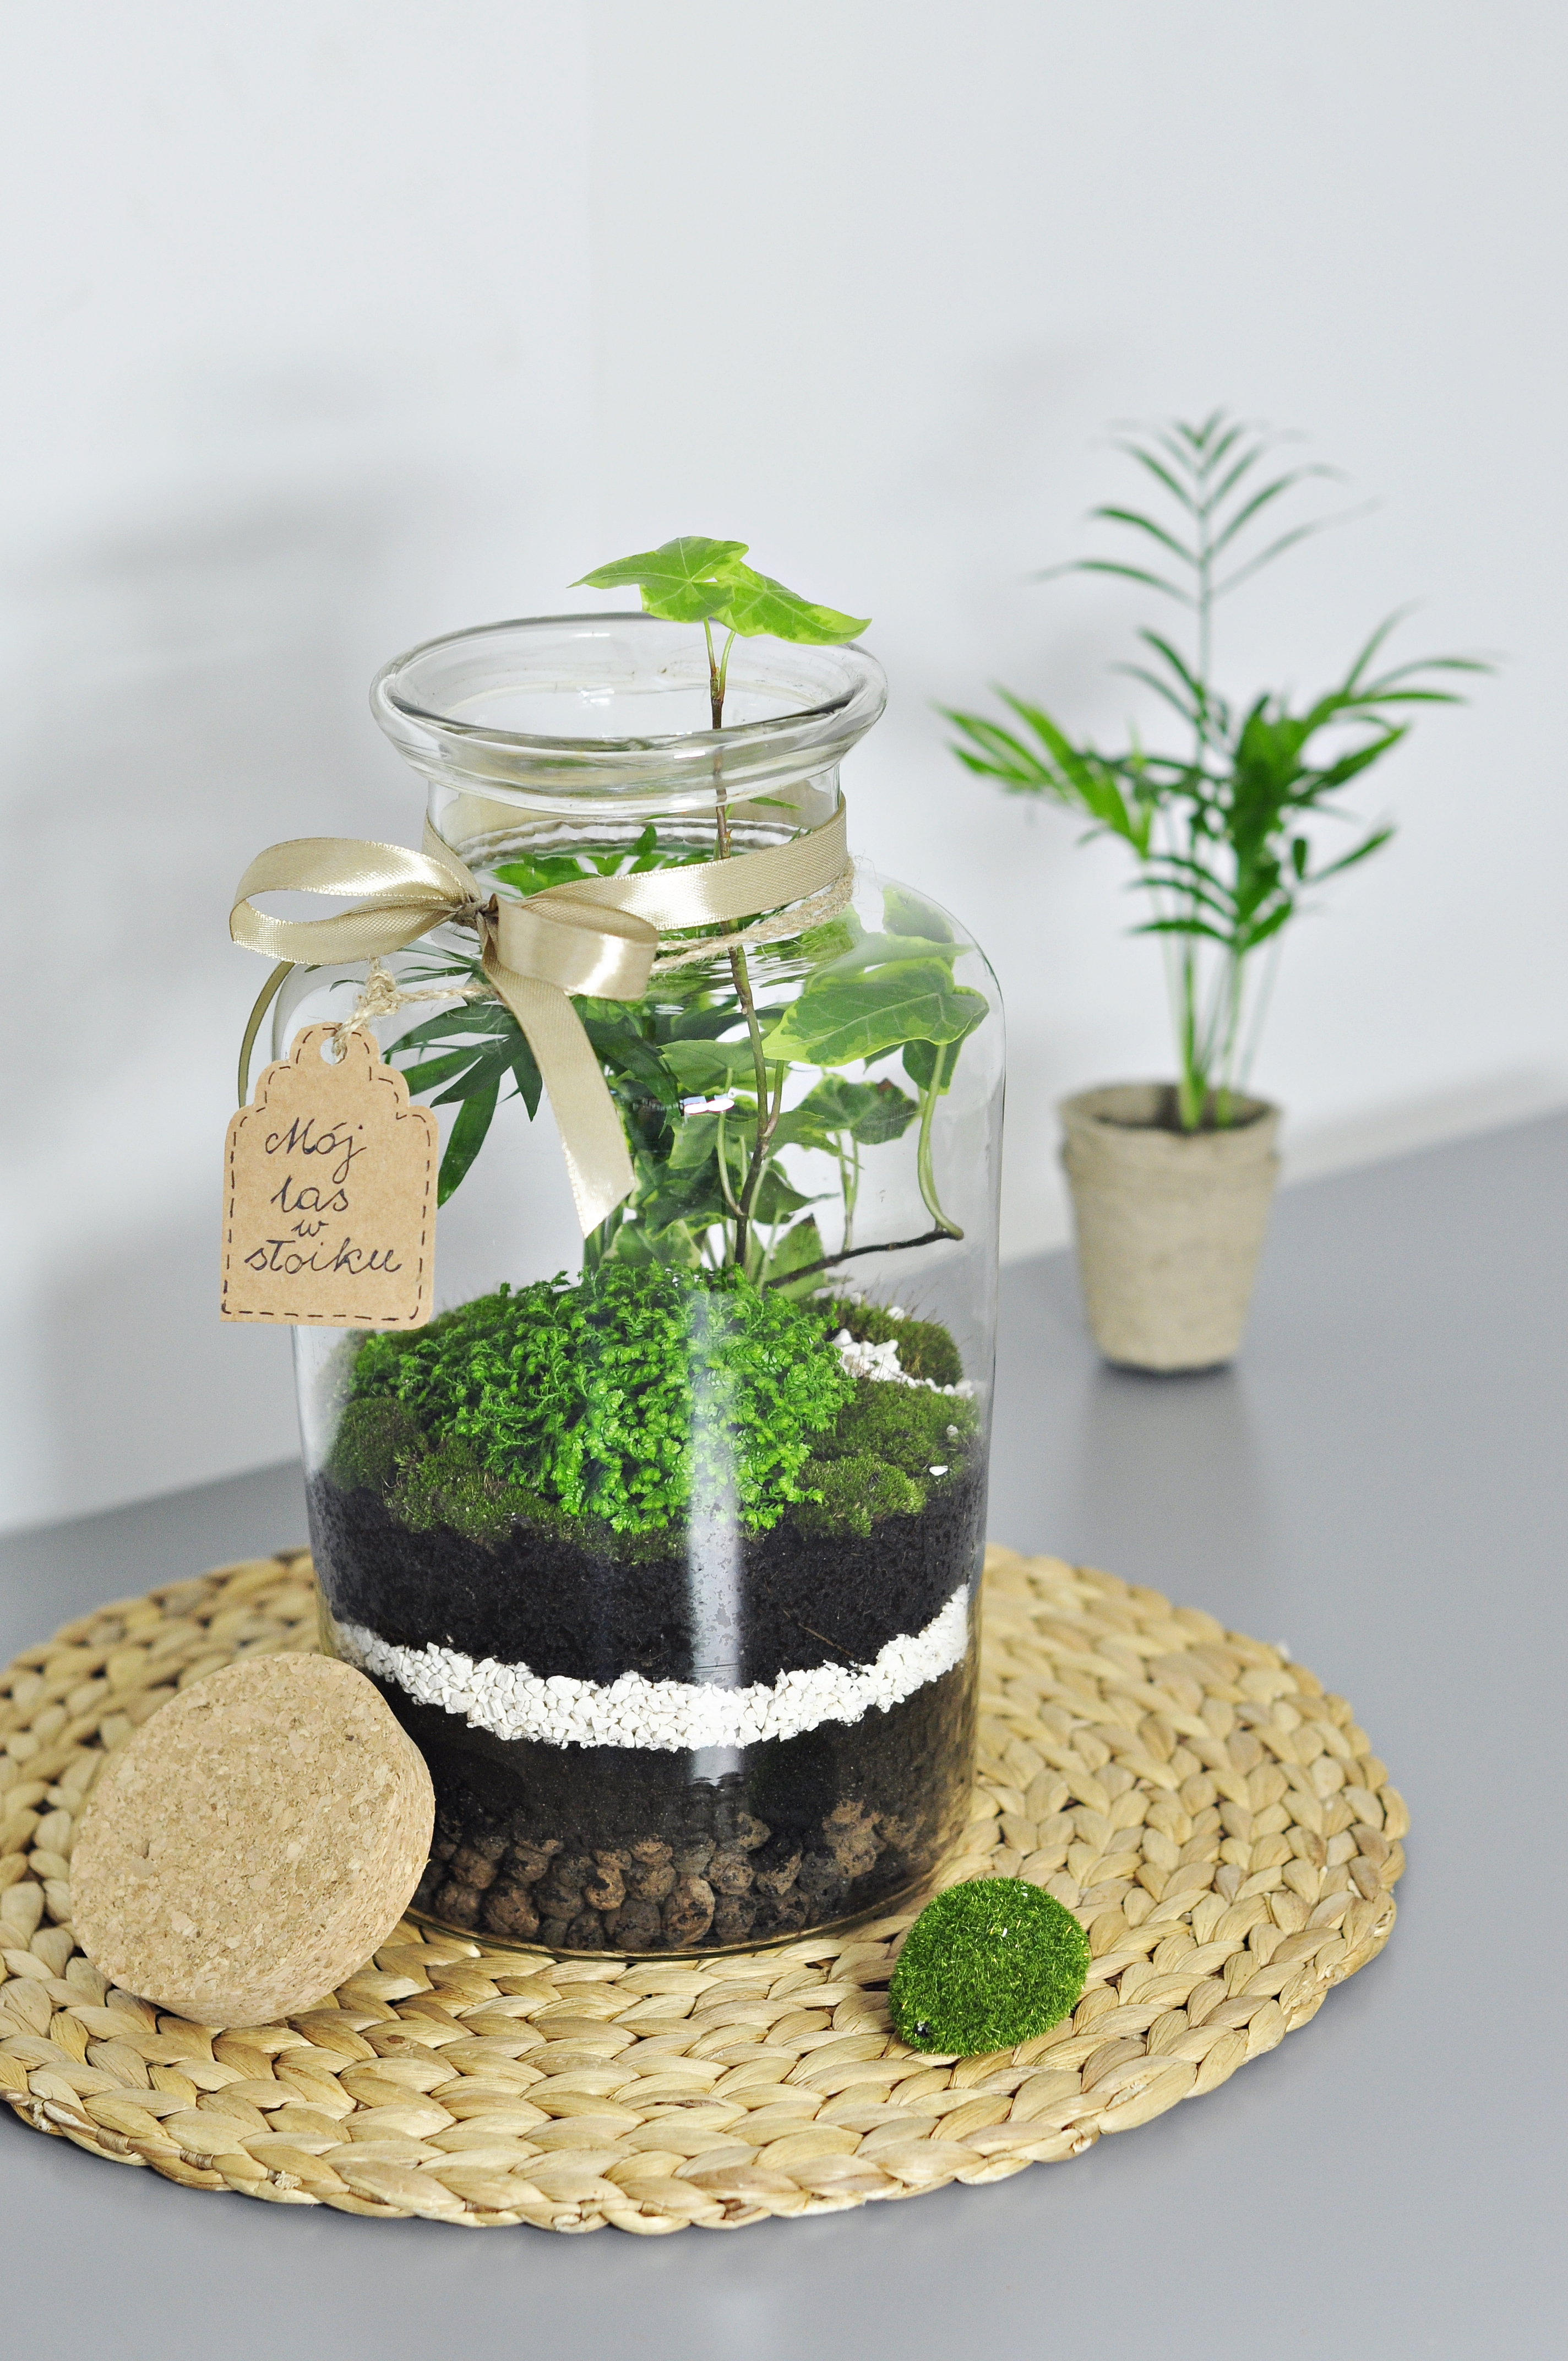 Las w słoiku – jak zrobić / DIY idealne dla Dzieci :)